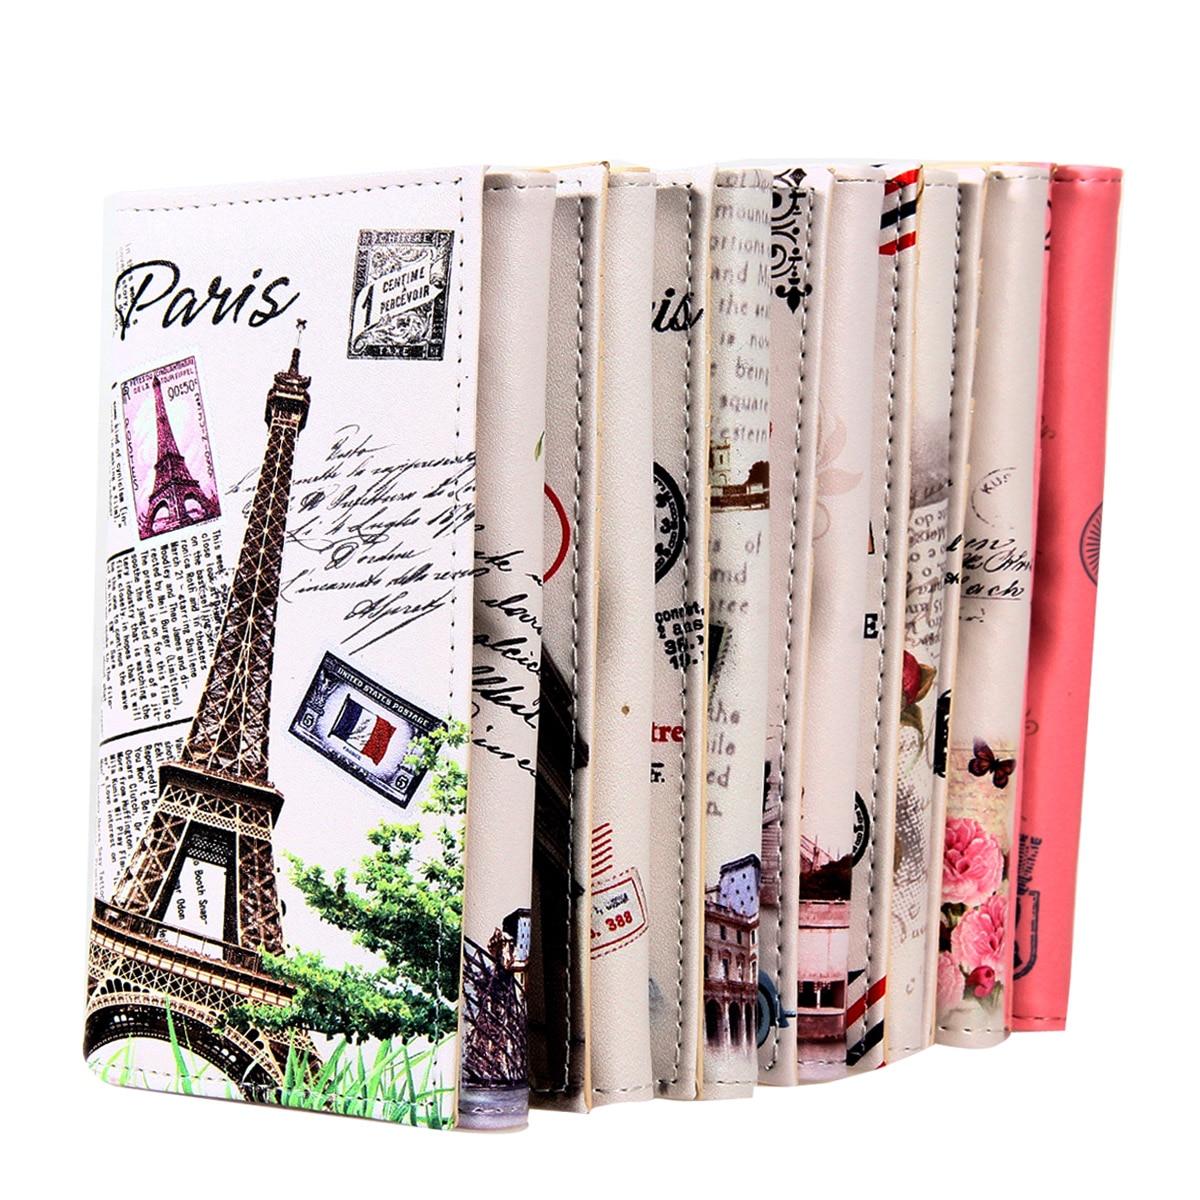 Graffiti Women Soft PU Leather Wallets Clutch Wallets Long Purse Vintage Card Holder Women Money Bag Carteira Feminina